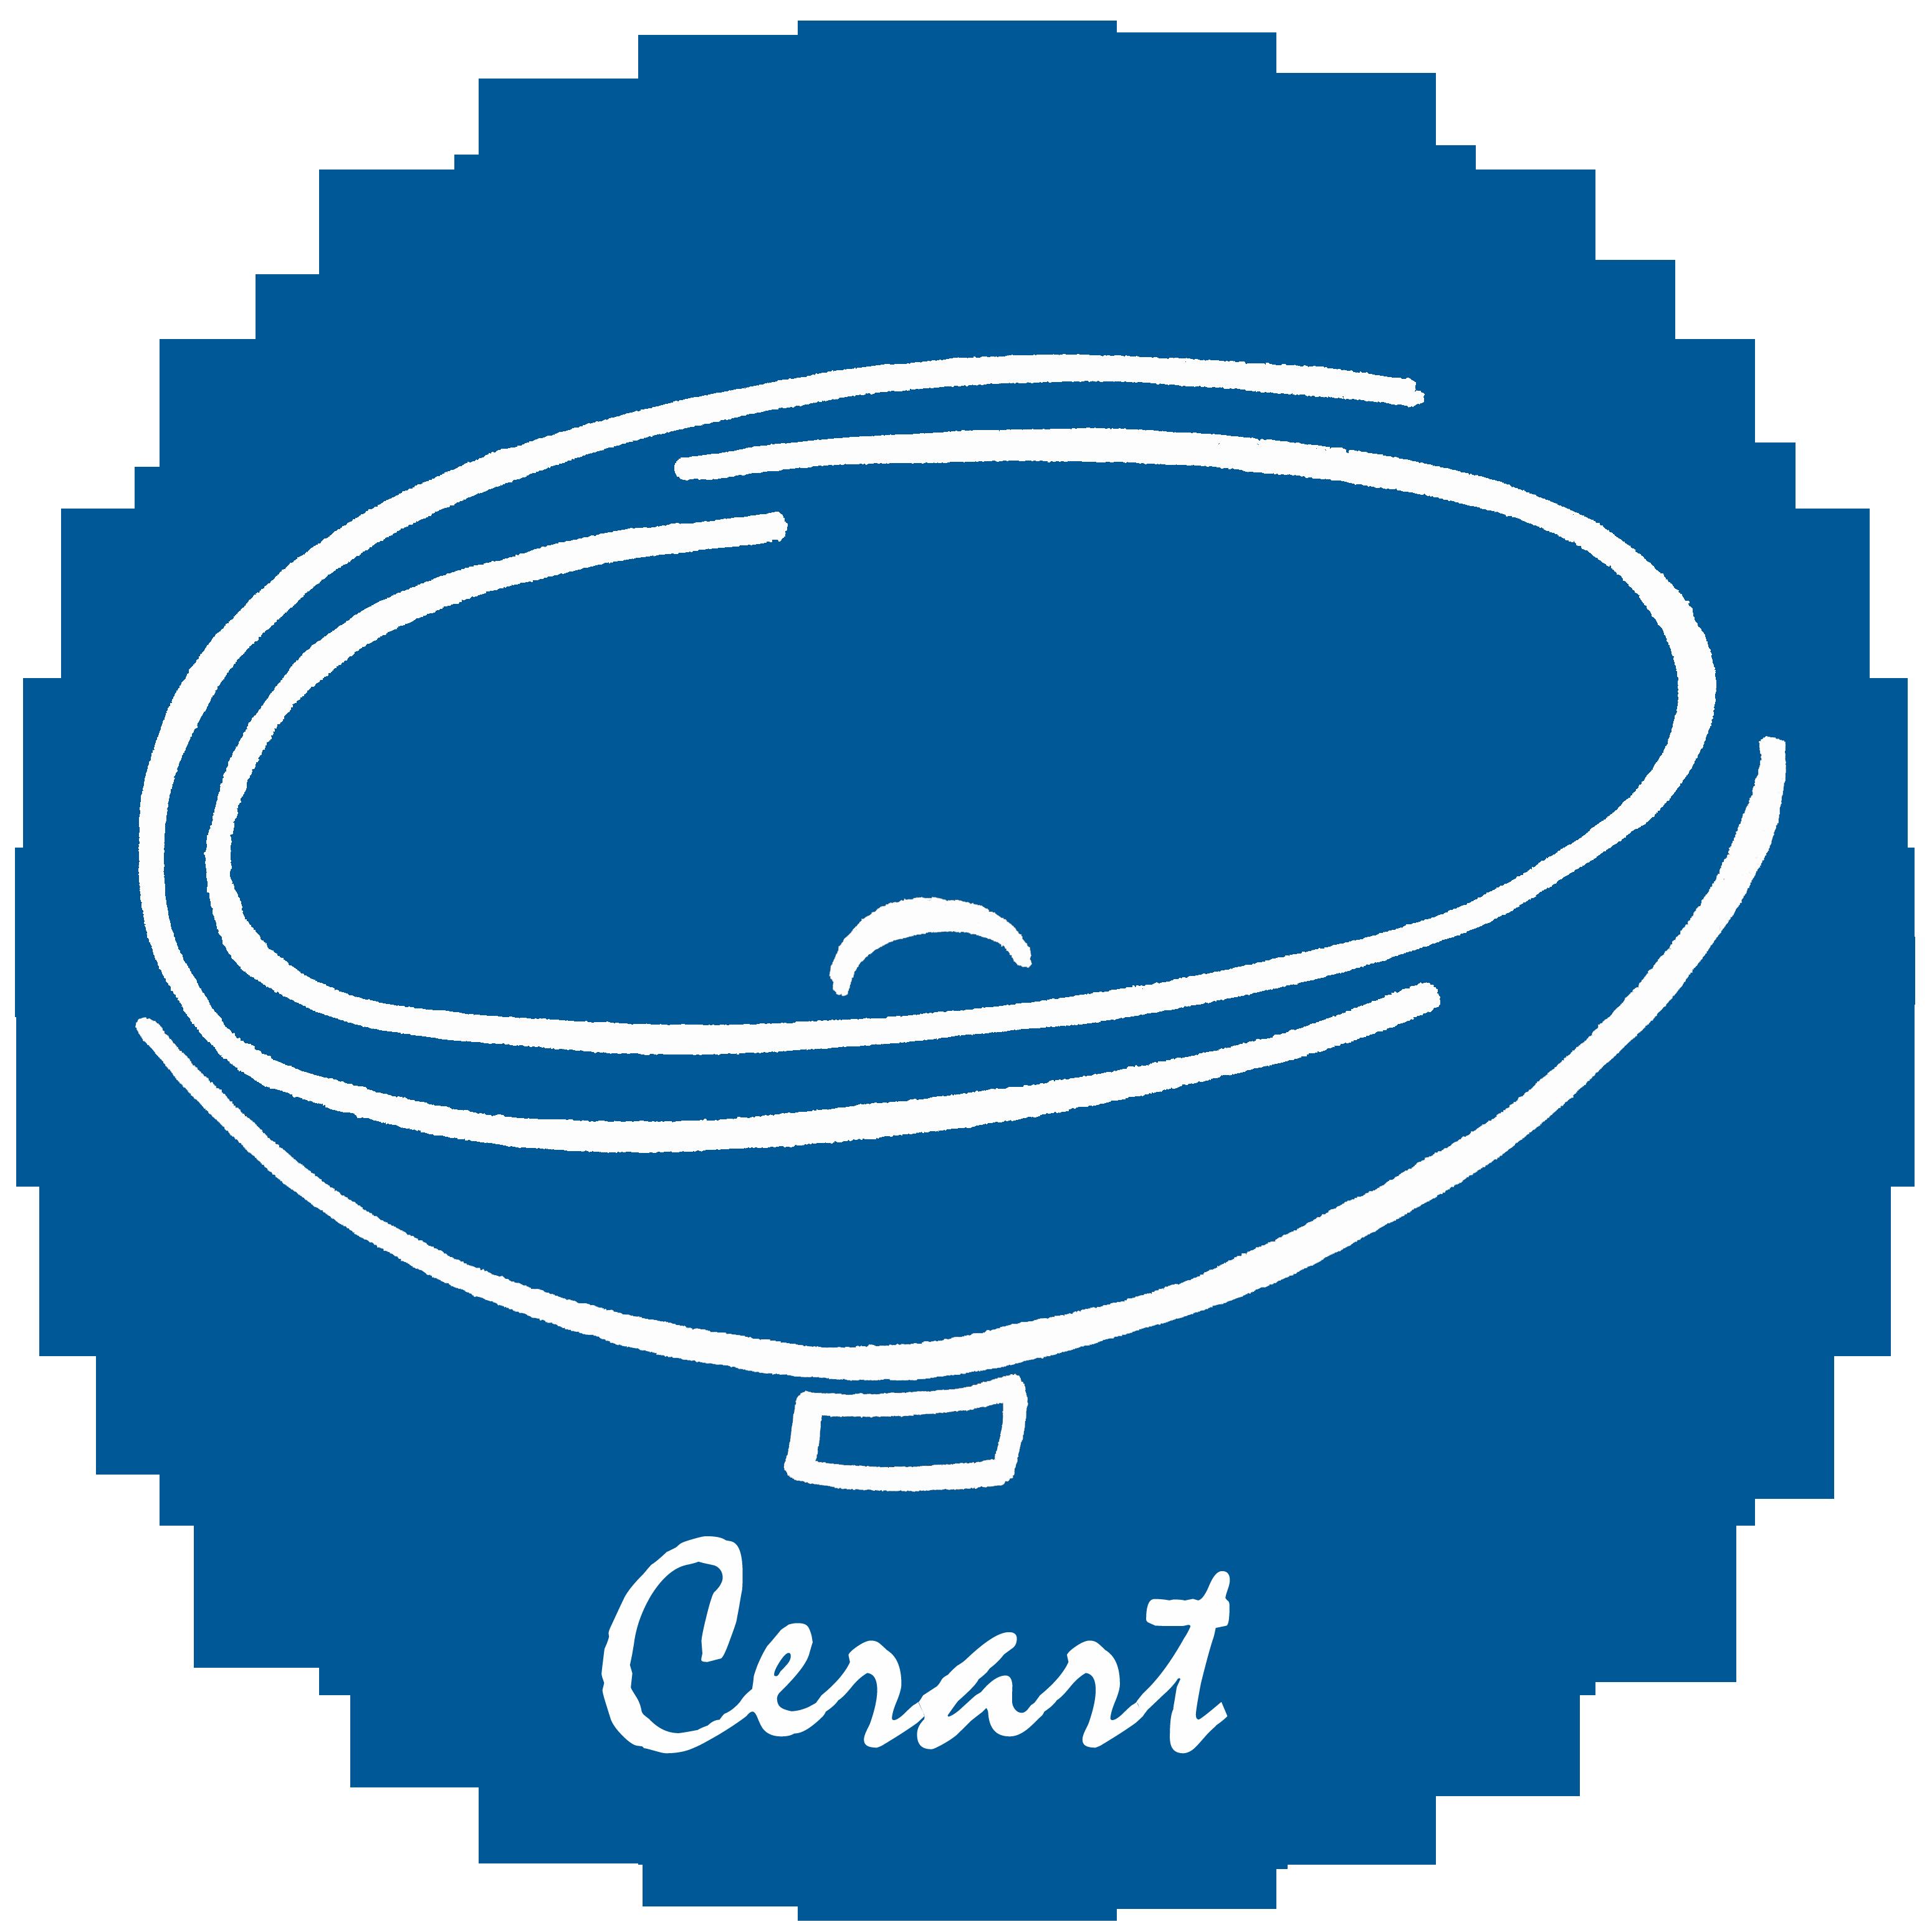 Ceramica Cerart